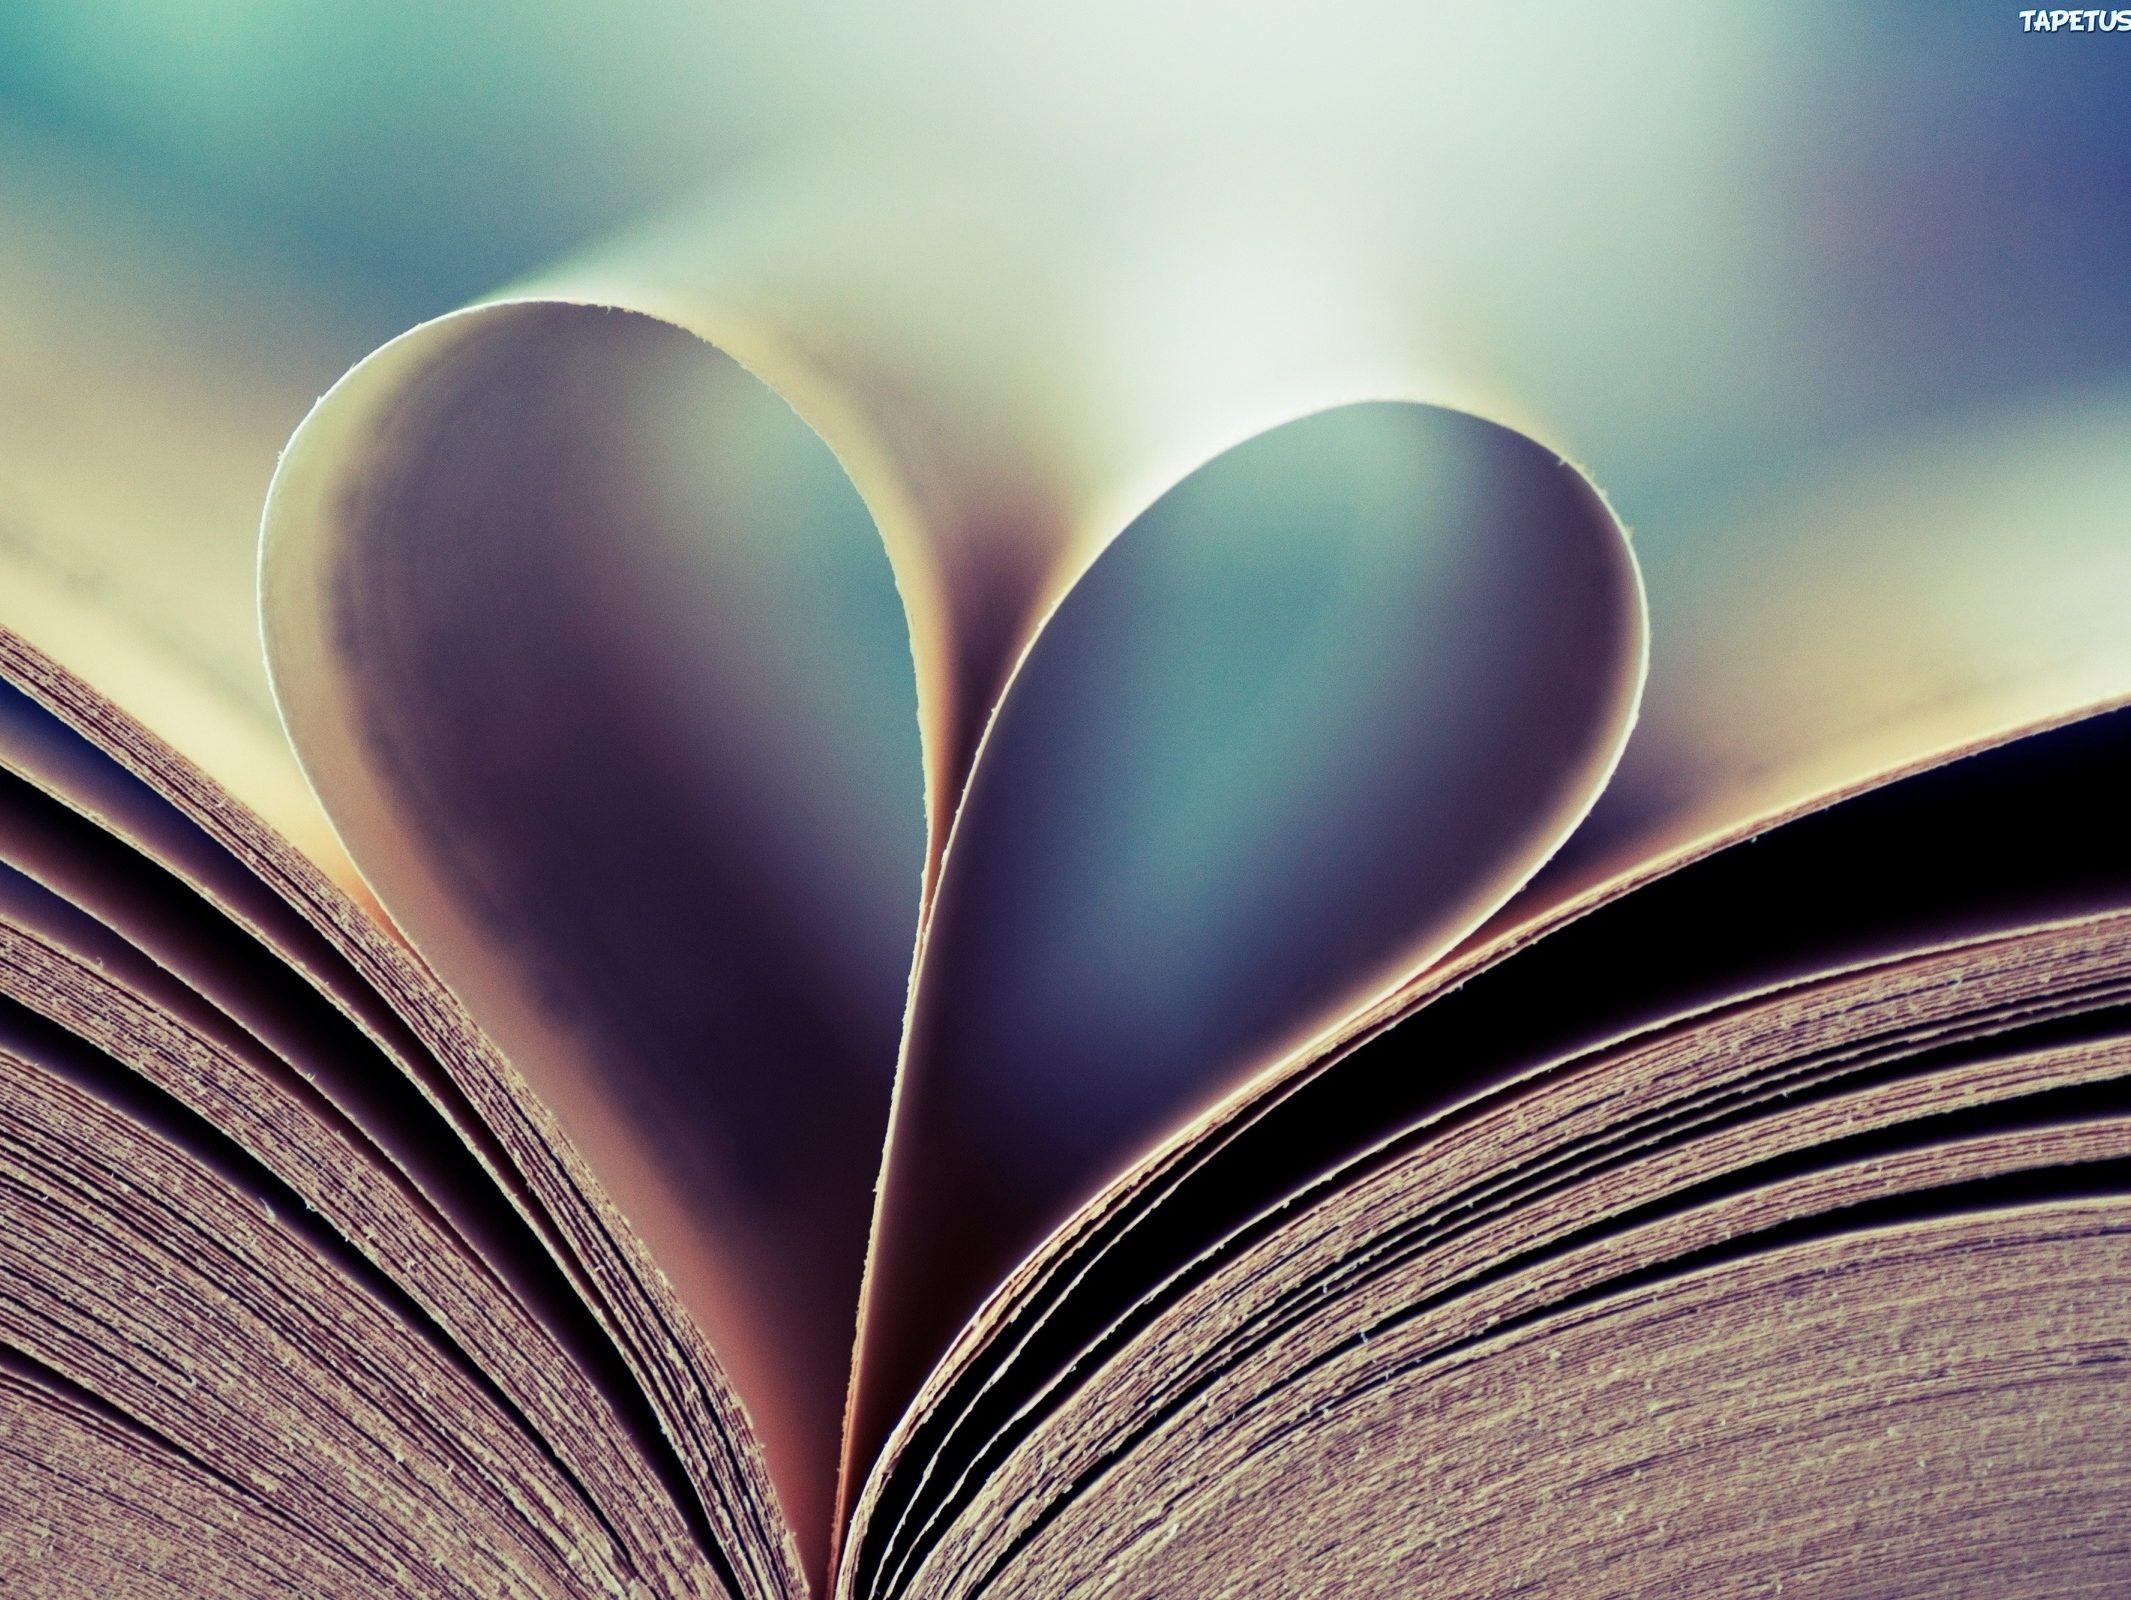 Kartki w książce w kształcie serca